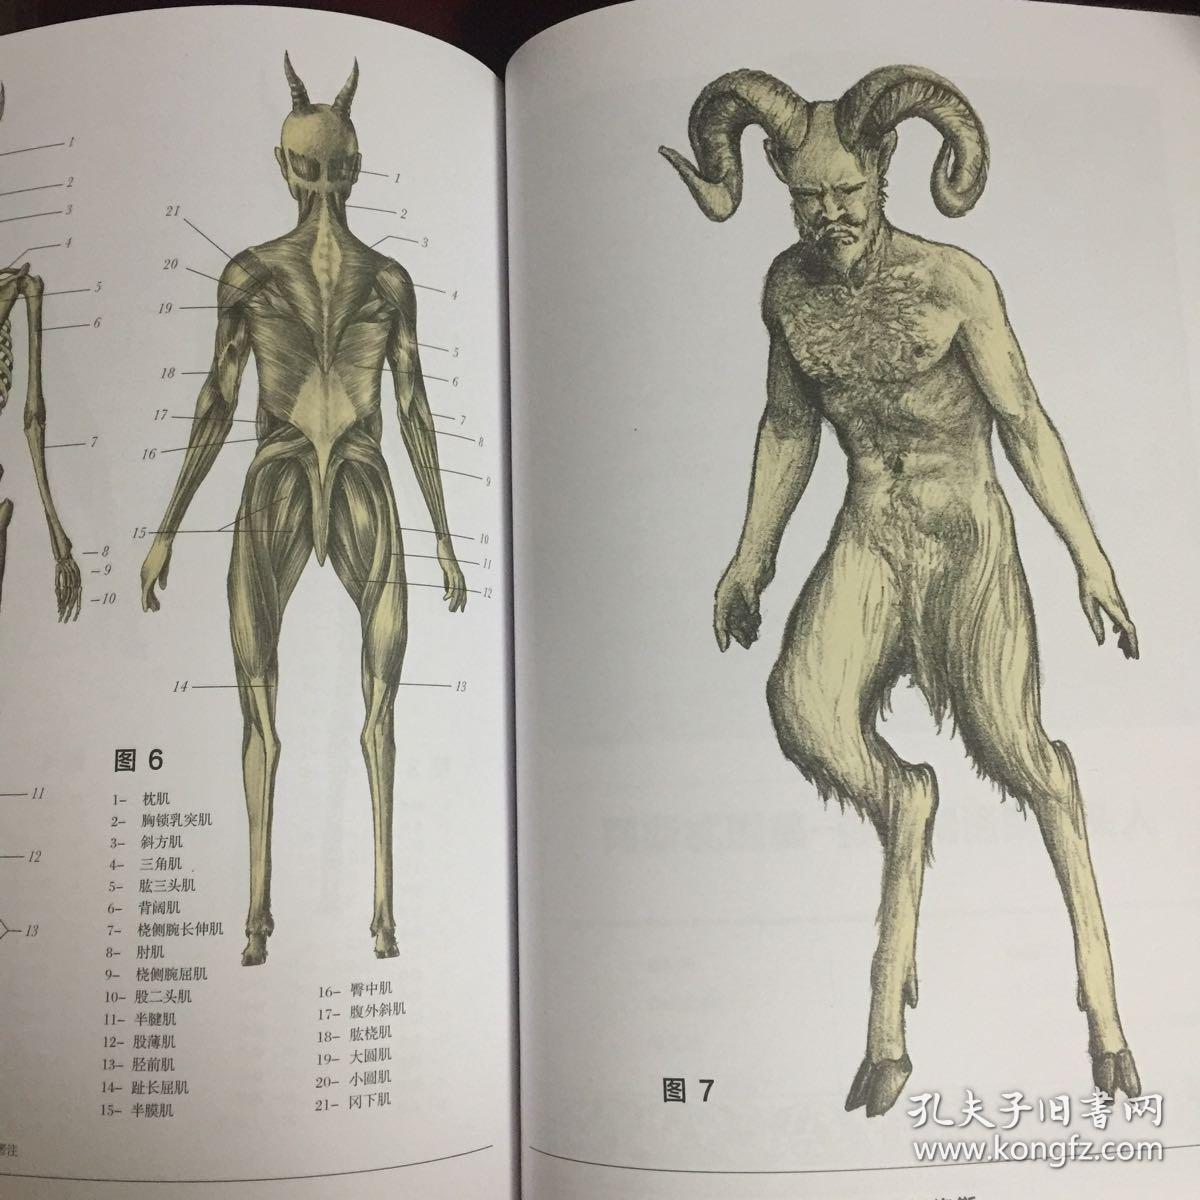 绝迹动物古抄本——斯宾塞·布莱克医生的解剖手记